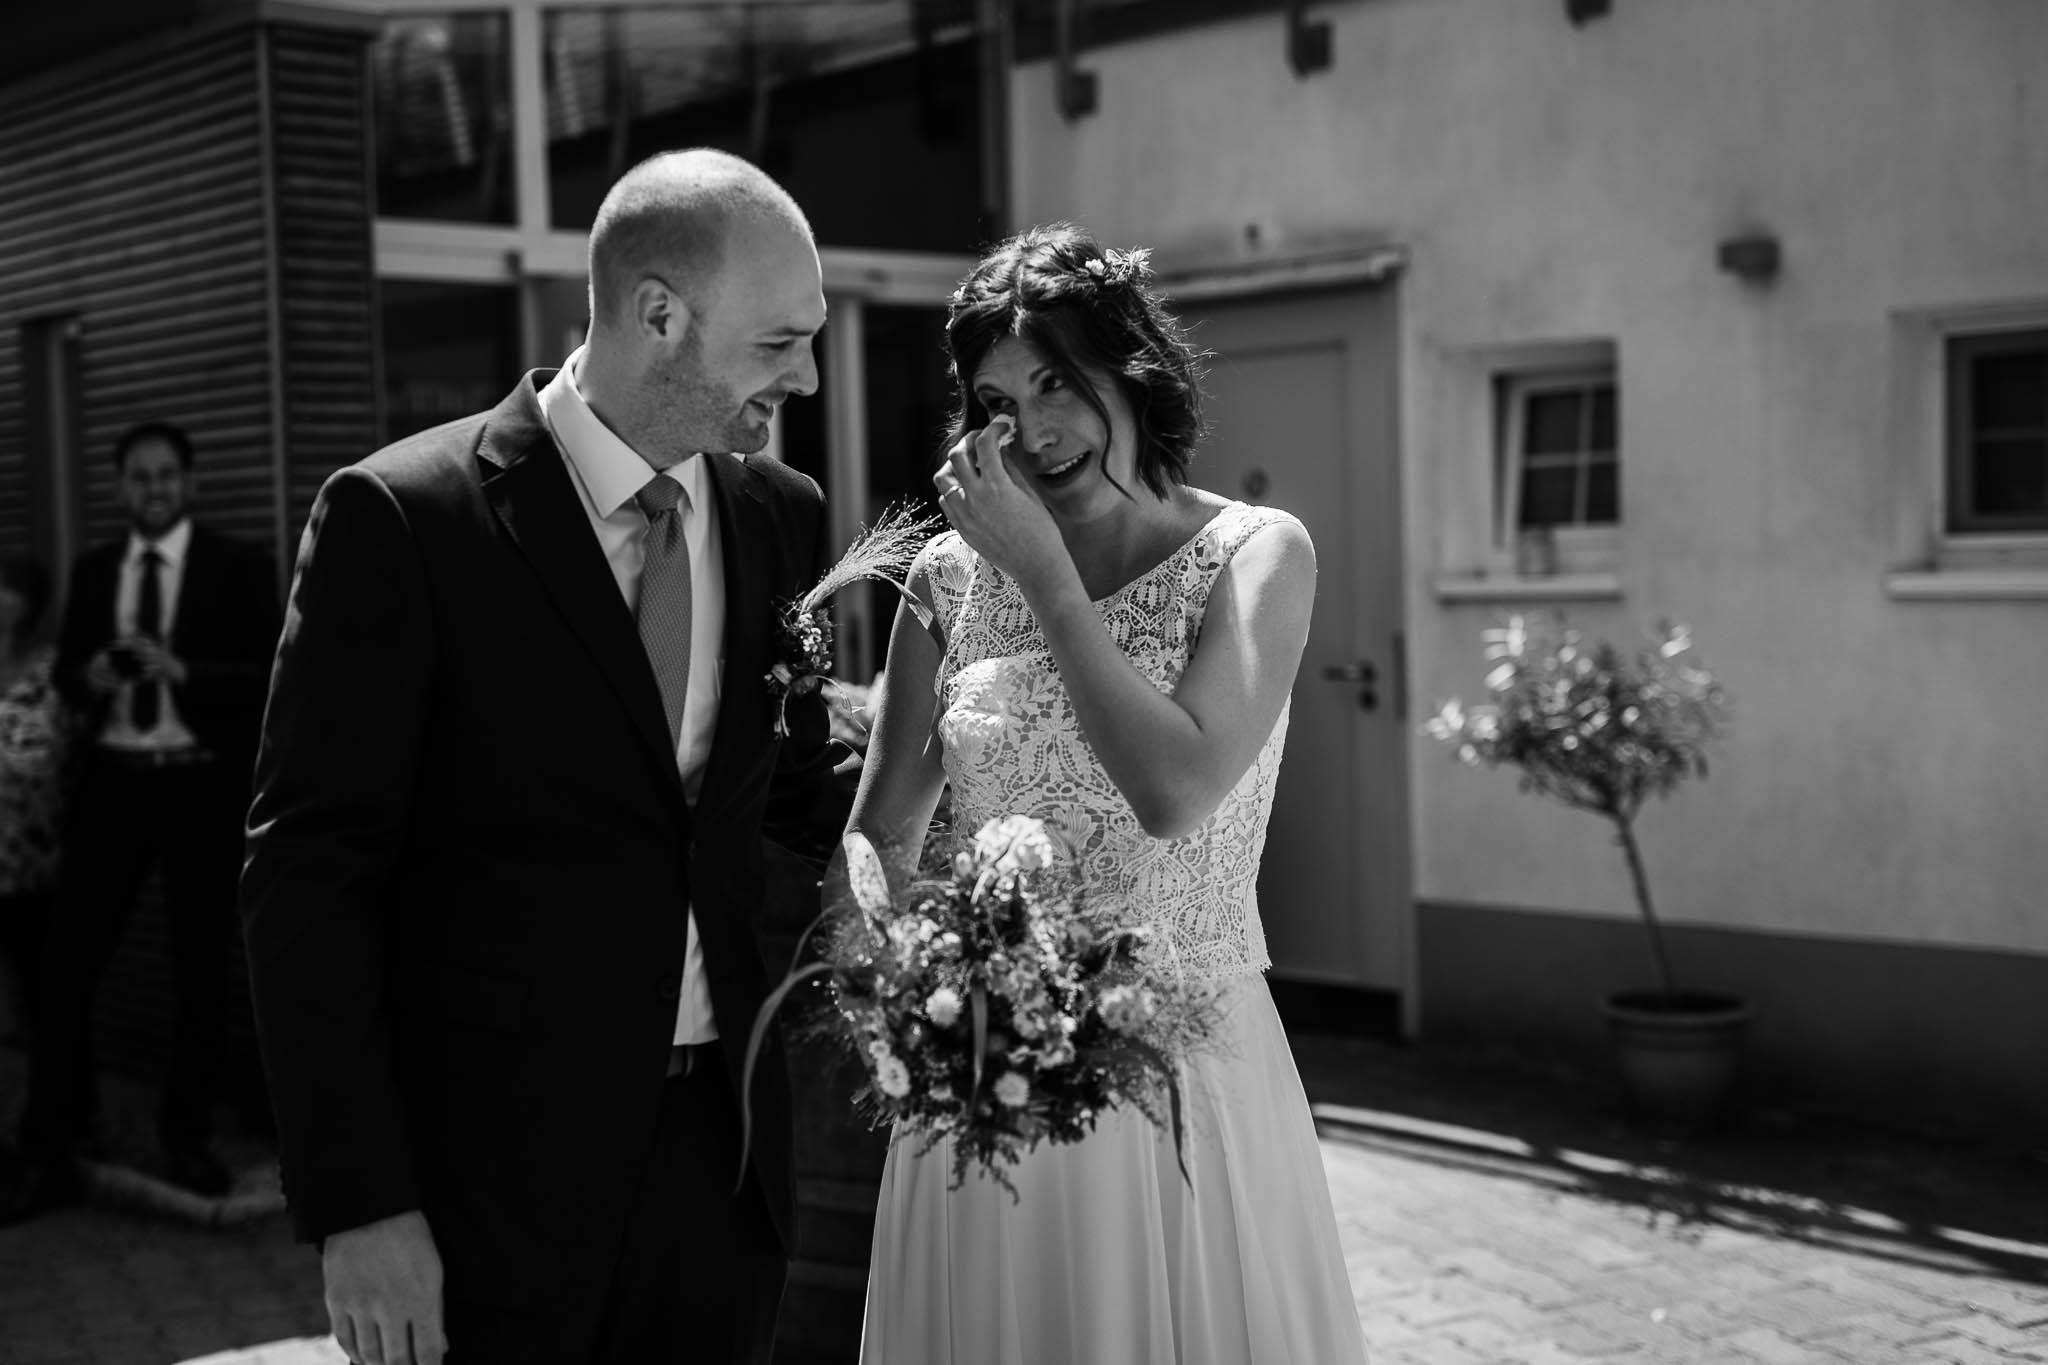 Hochzeitsfotograf Guntersblum, Domhof - Hochzeit von Ina & Johannes 10